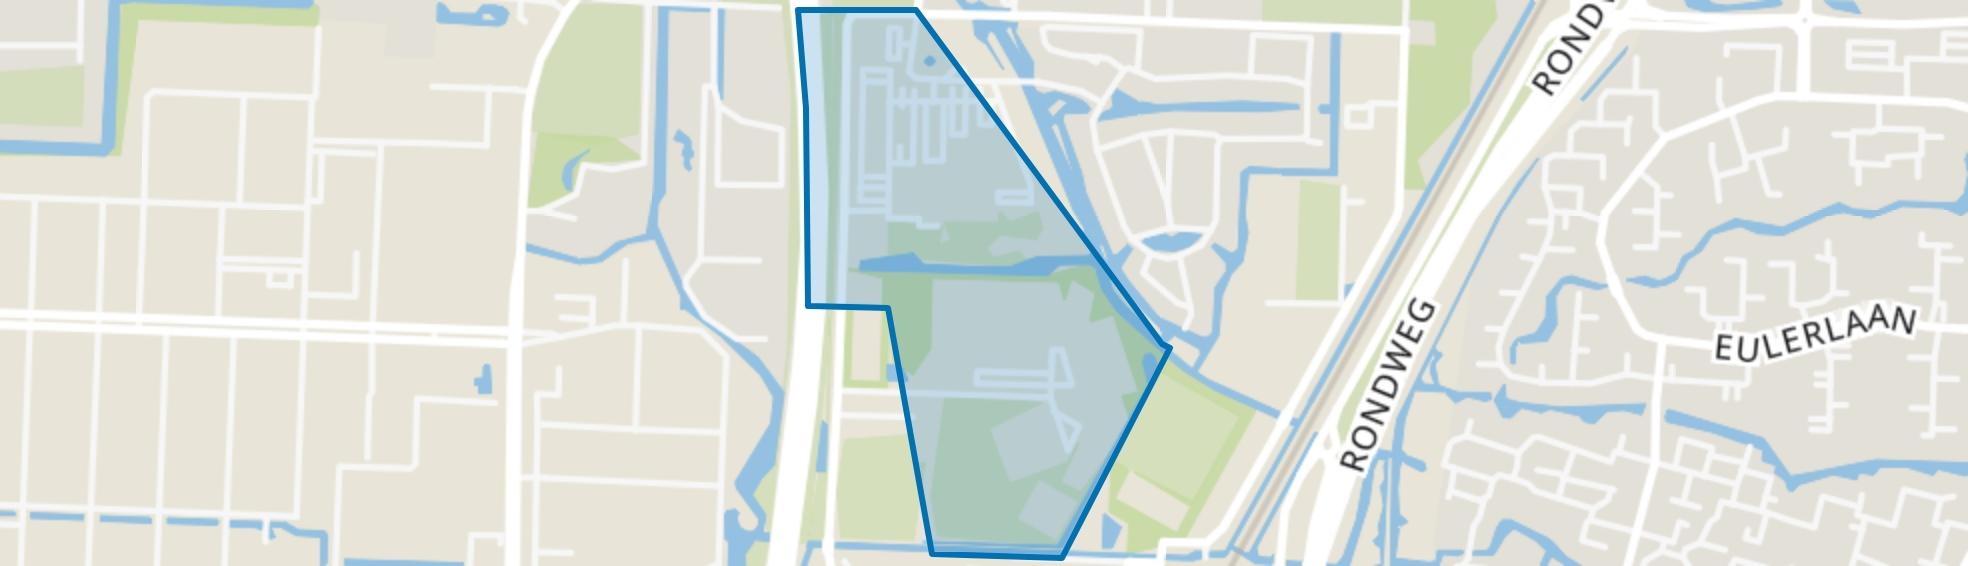 Locatie Refaja, Dordrecht map